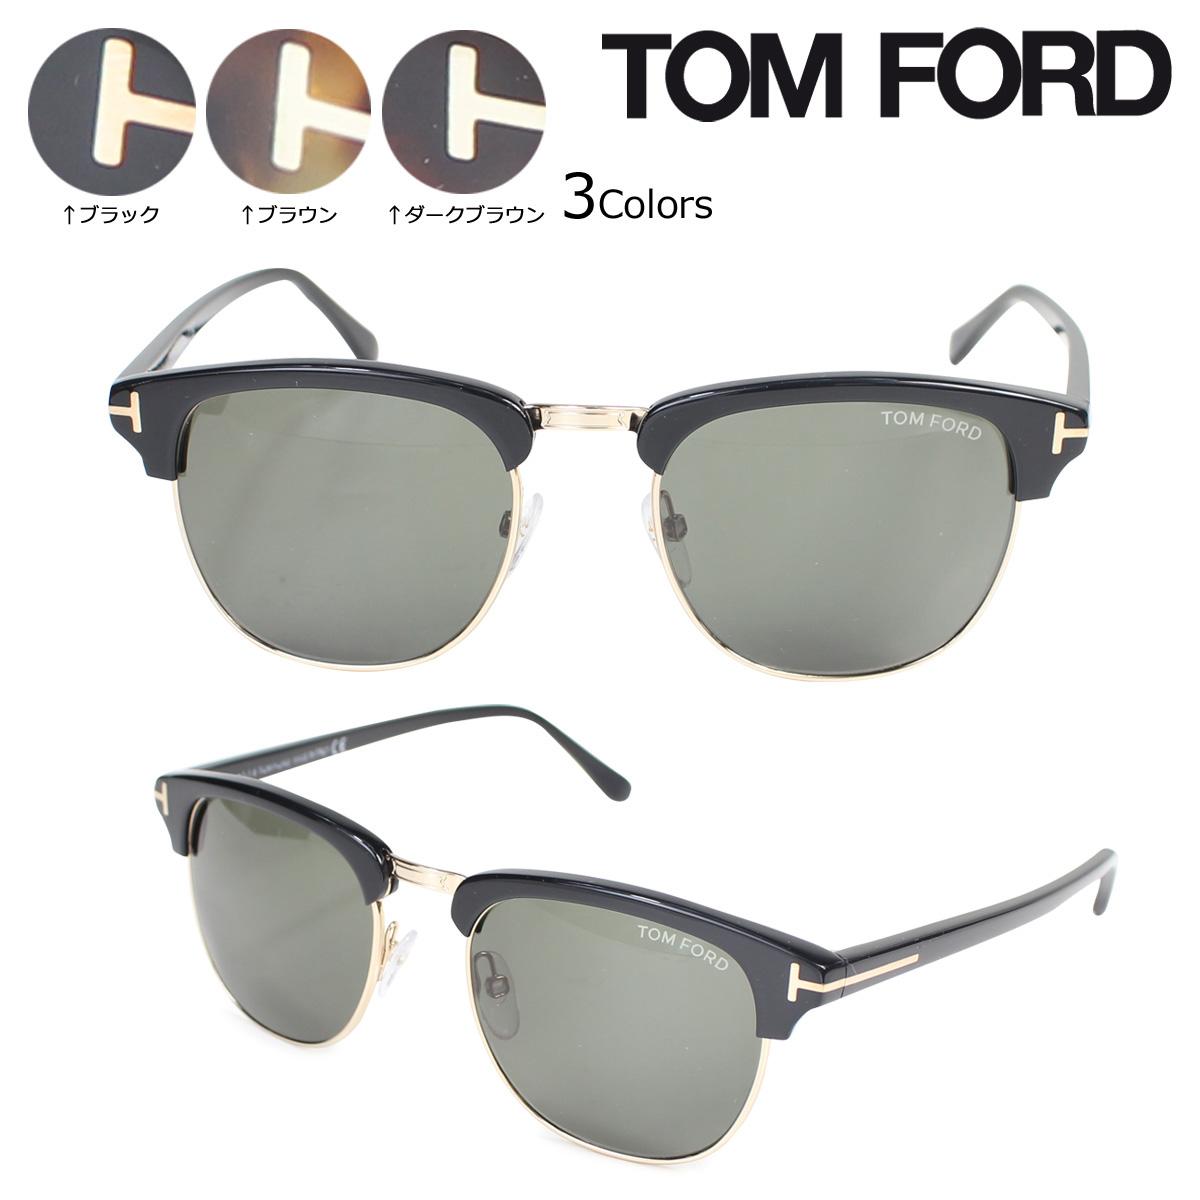 送料無料 あす楽対応 トムフォード TOM FORD 海外並行輸入正規品 メガネ アイウェア 眼鏡 SUNGLASSES メンズ サングラス FT0248 3カラー 至上 レディース HENRY